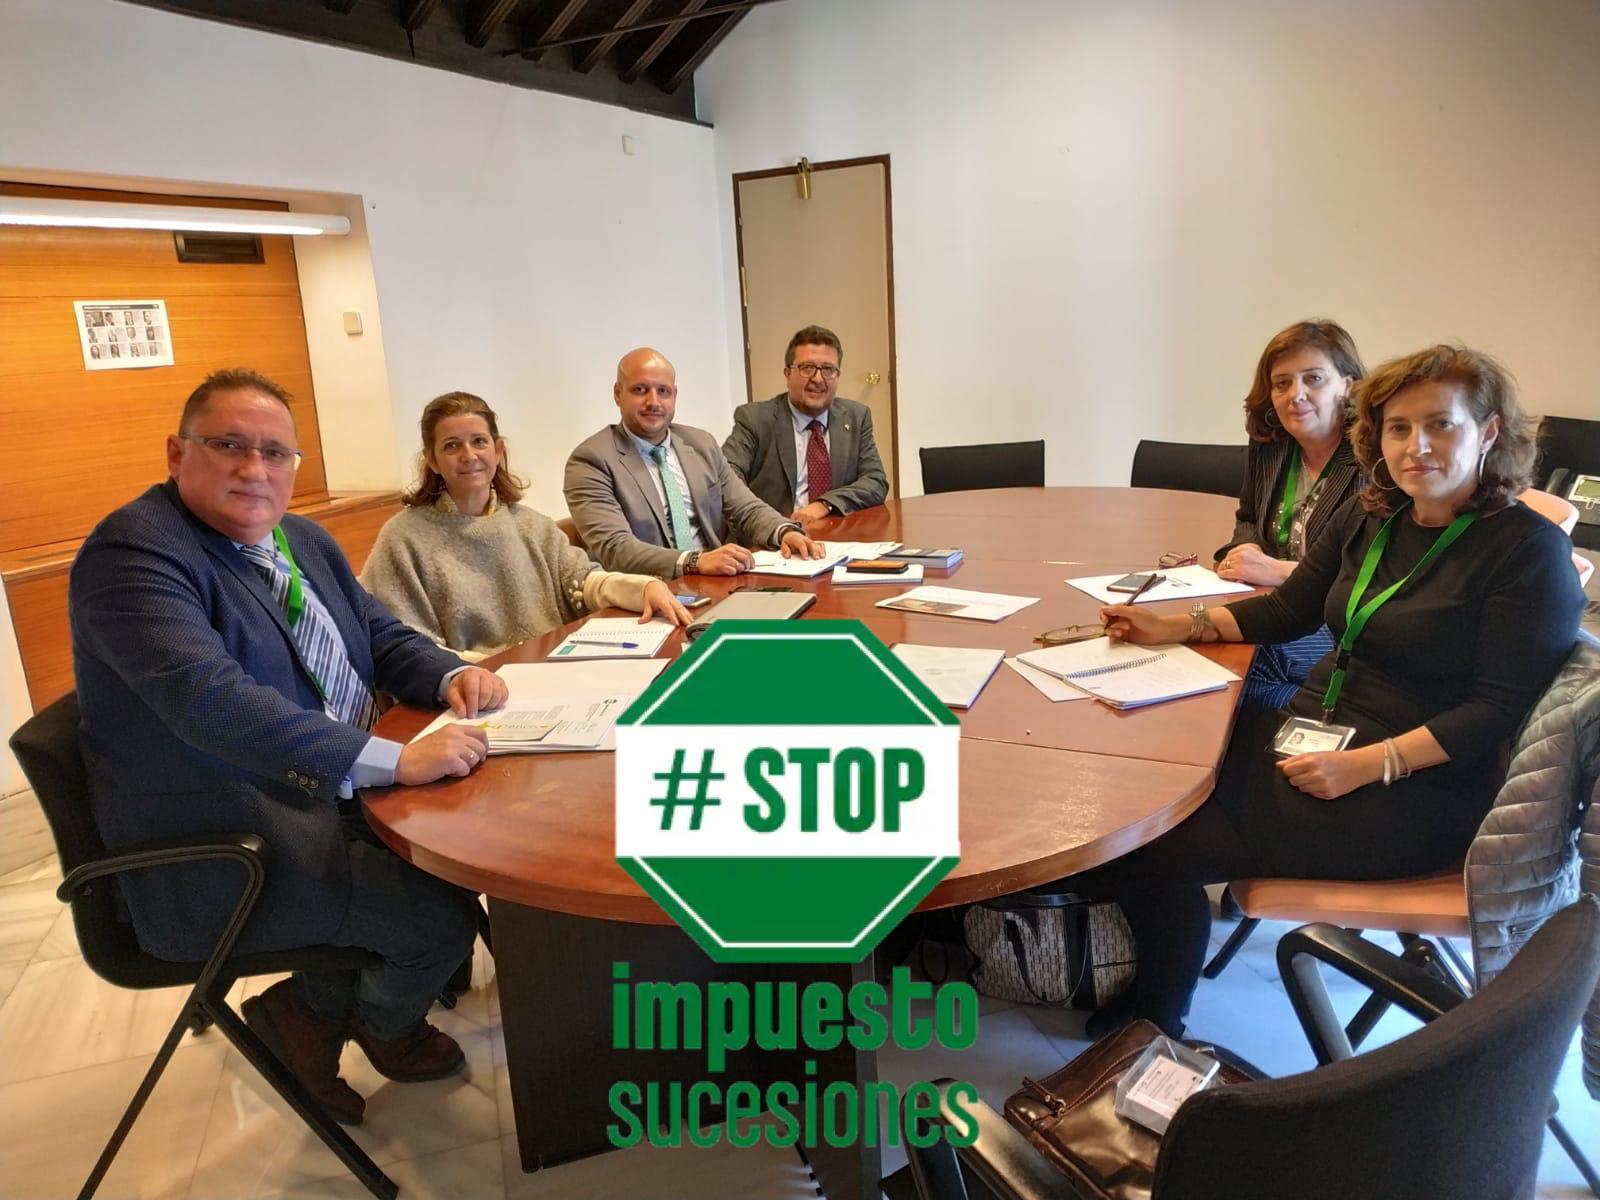 Directiva de STOP Impuesto Sucesiones junto con VOX